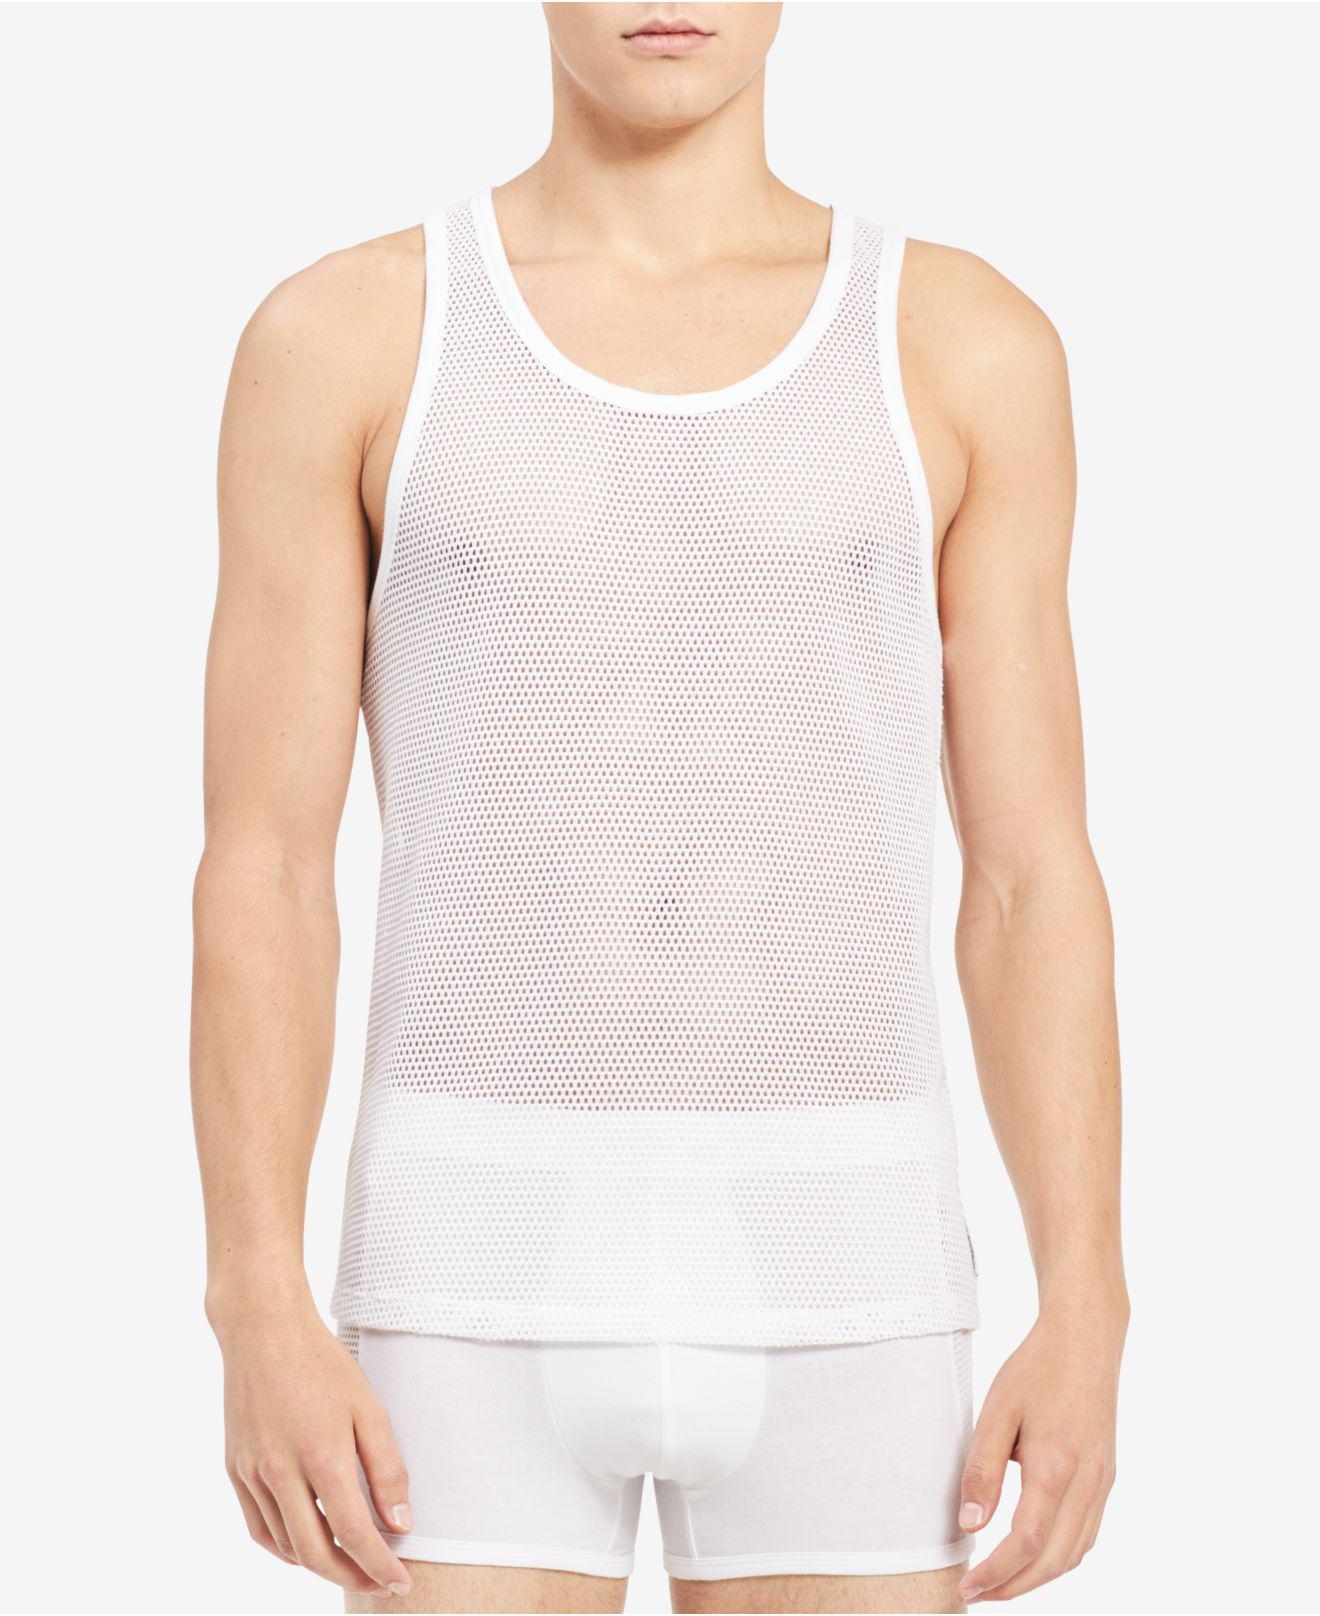 5d449078e6799 Lyst - Calvin Klein Mesh Tank Top in White for Men